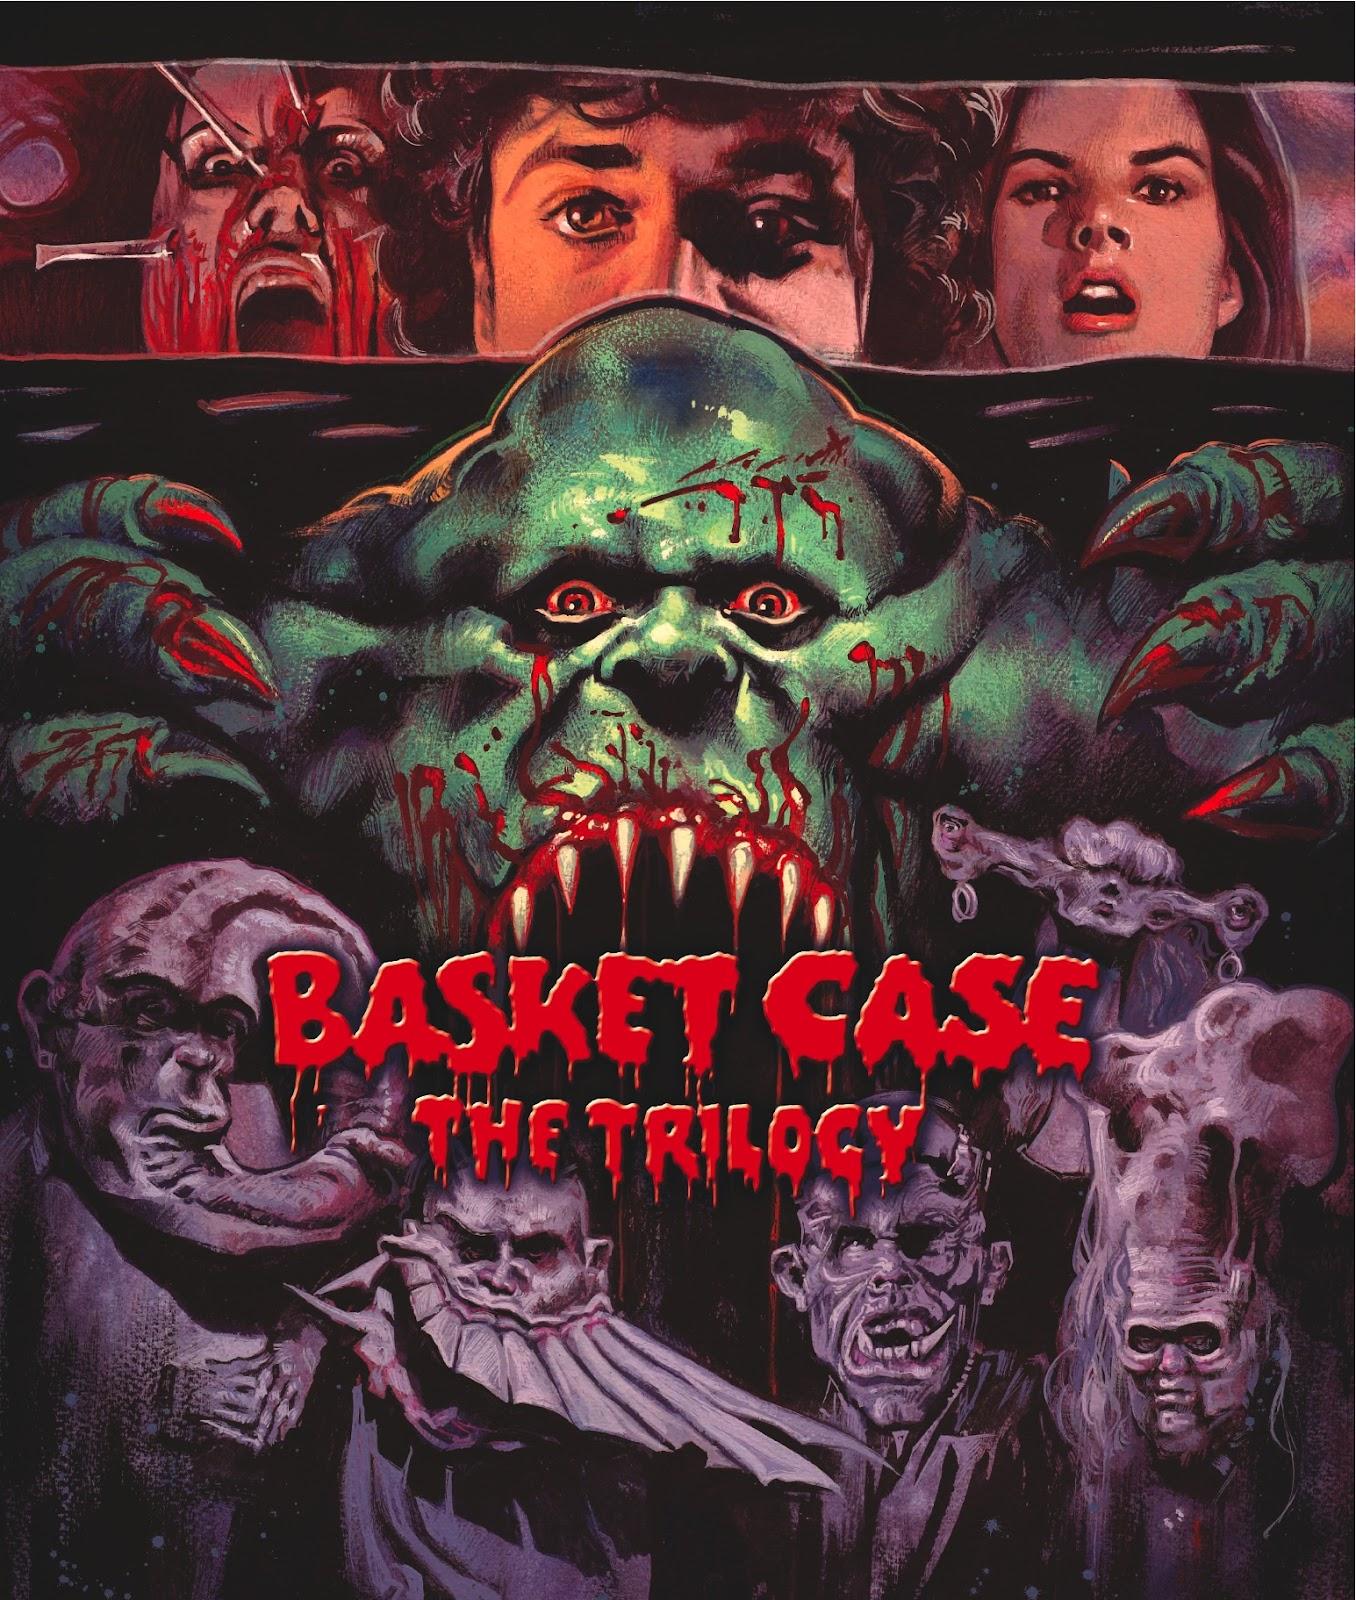 Basket Case Film